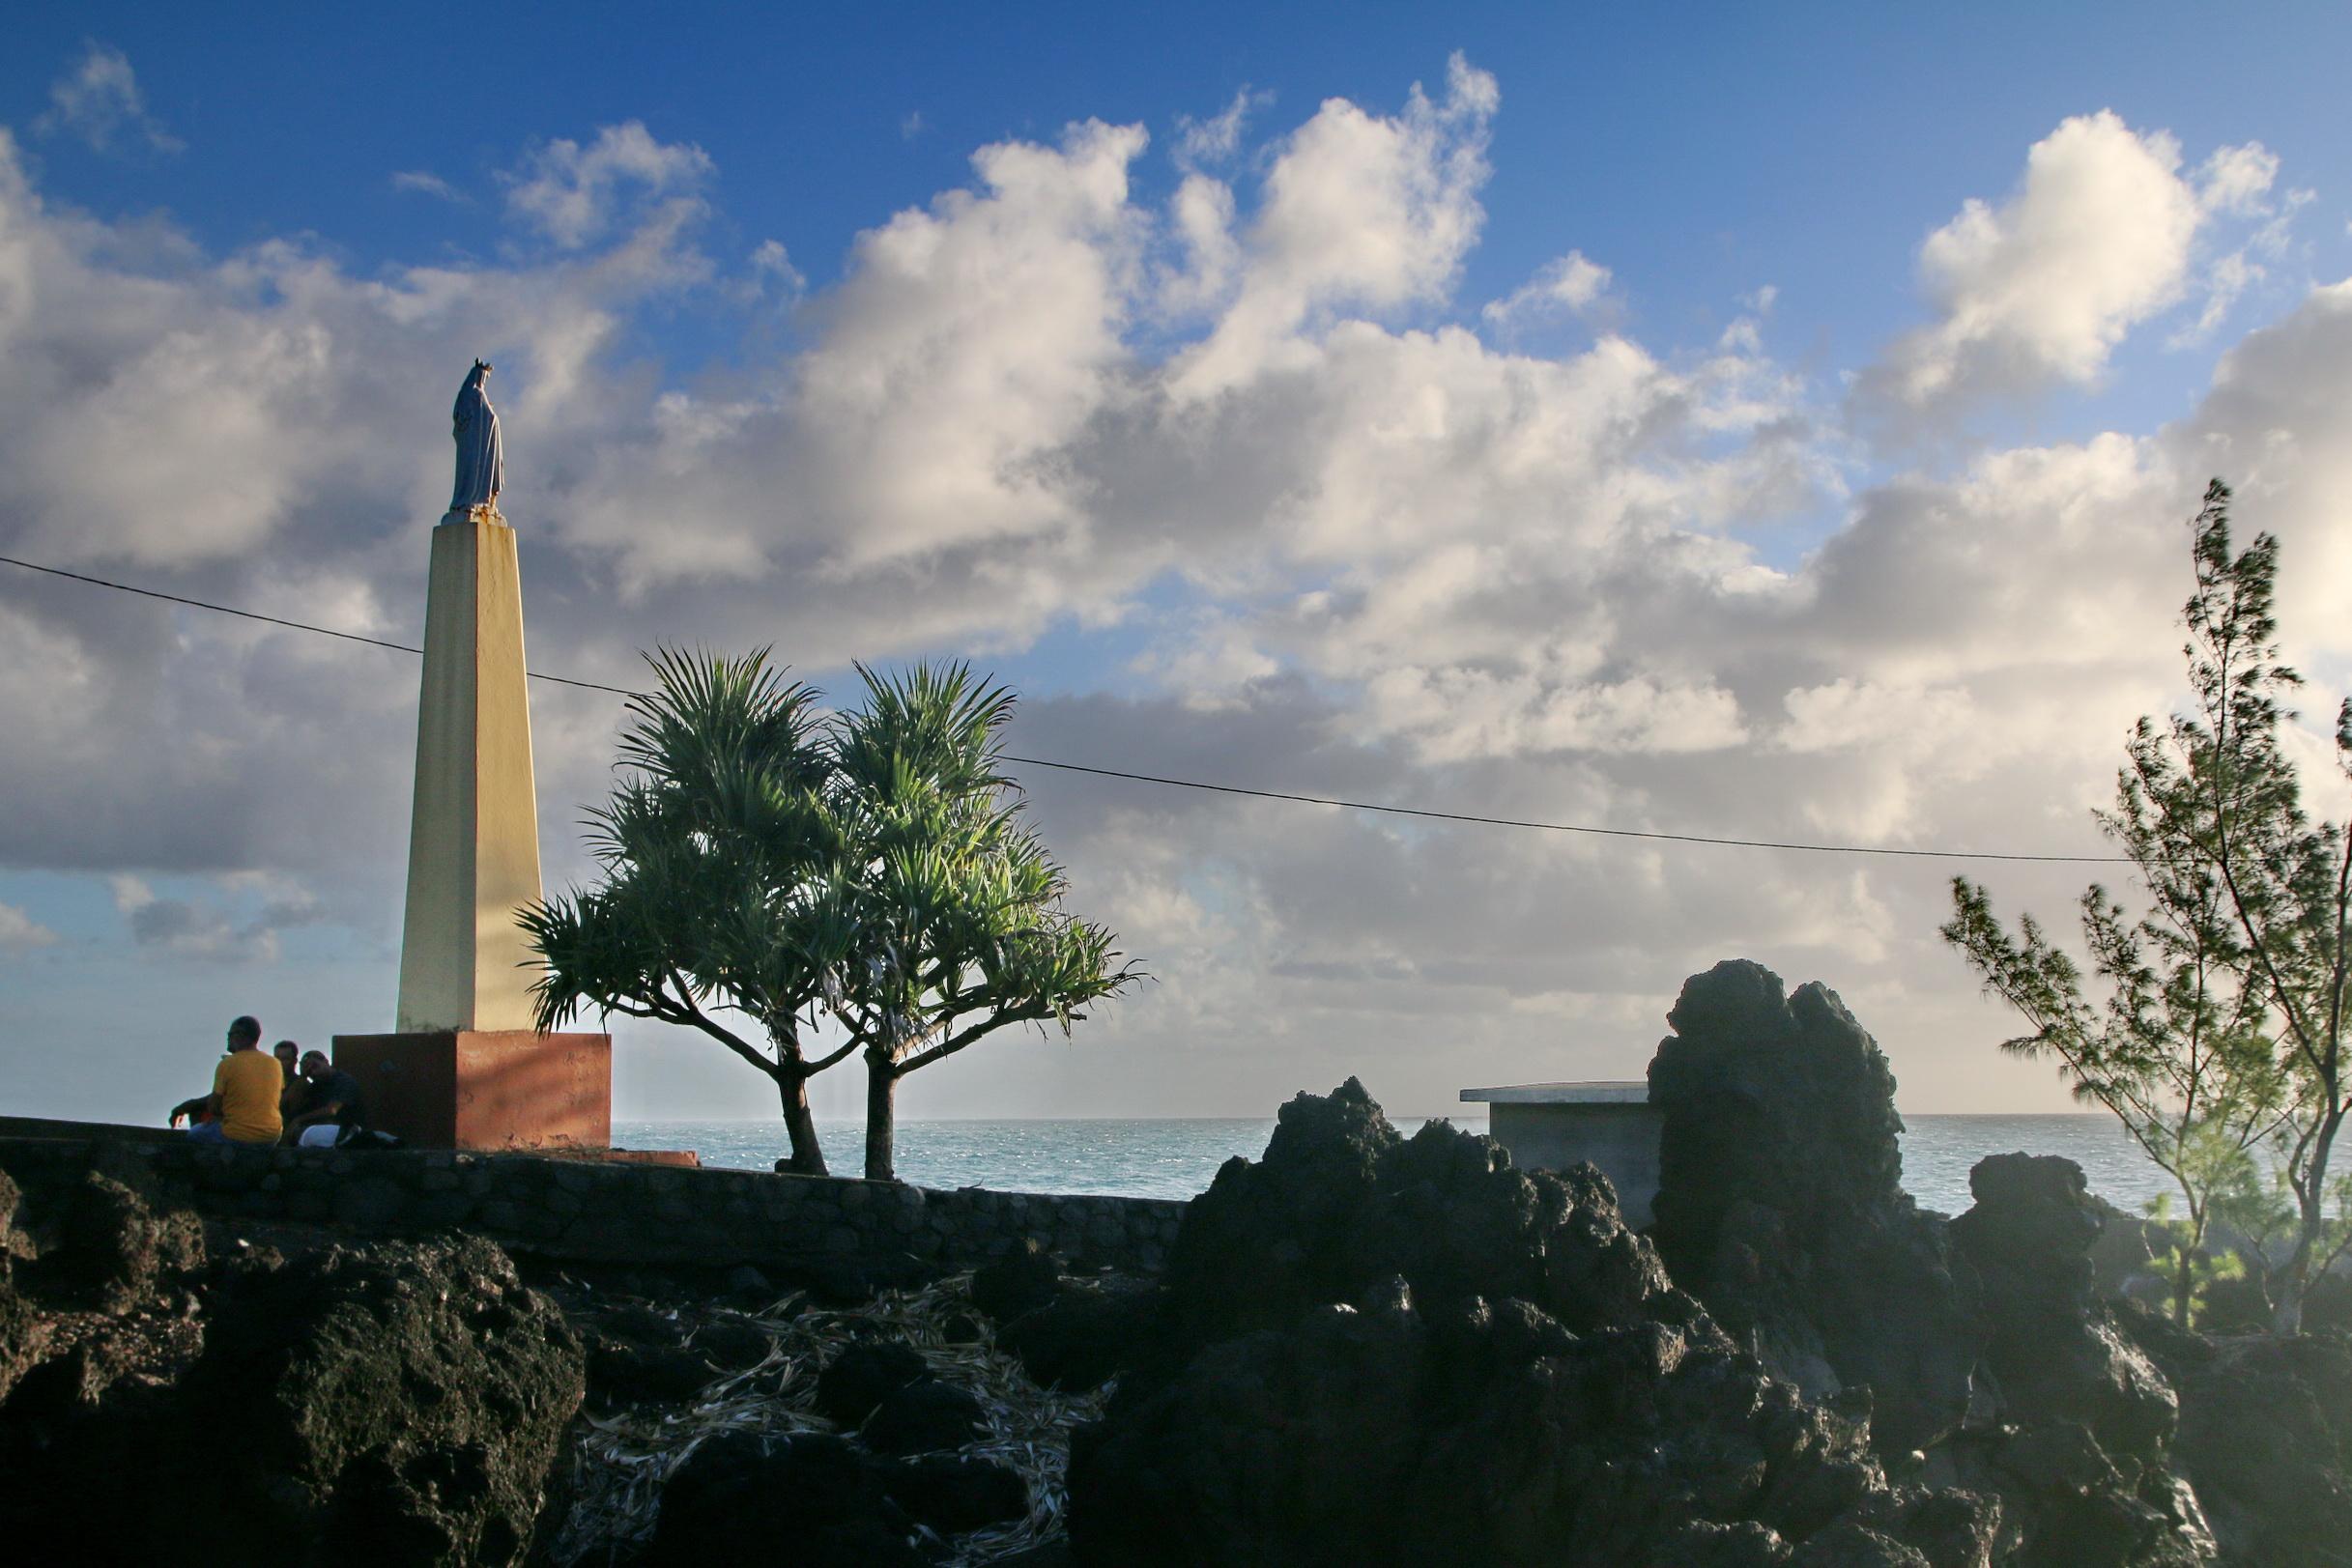 [Vie des ports] Les ports de la Réunion - Page 4 512588capmchantlangevin121